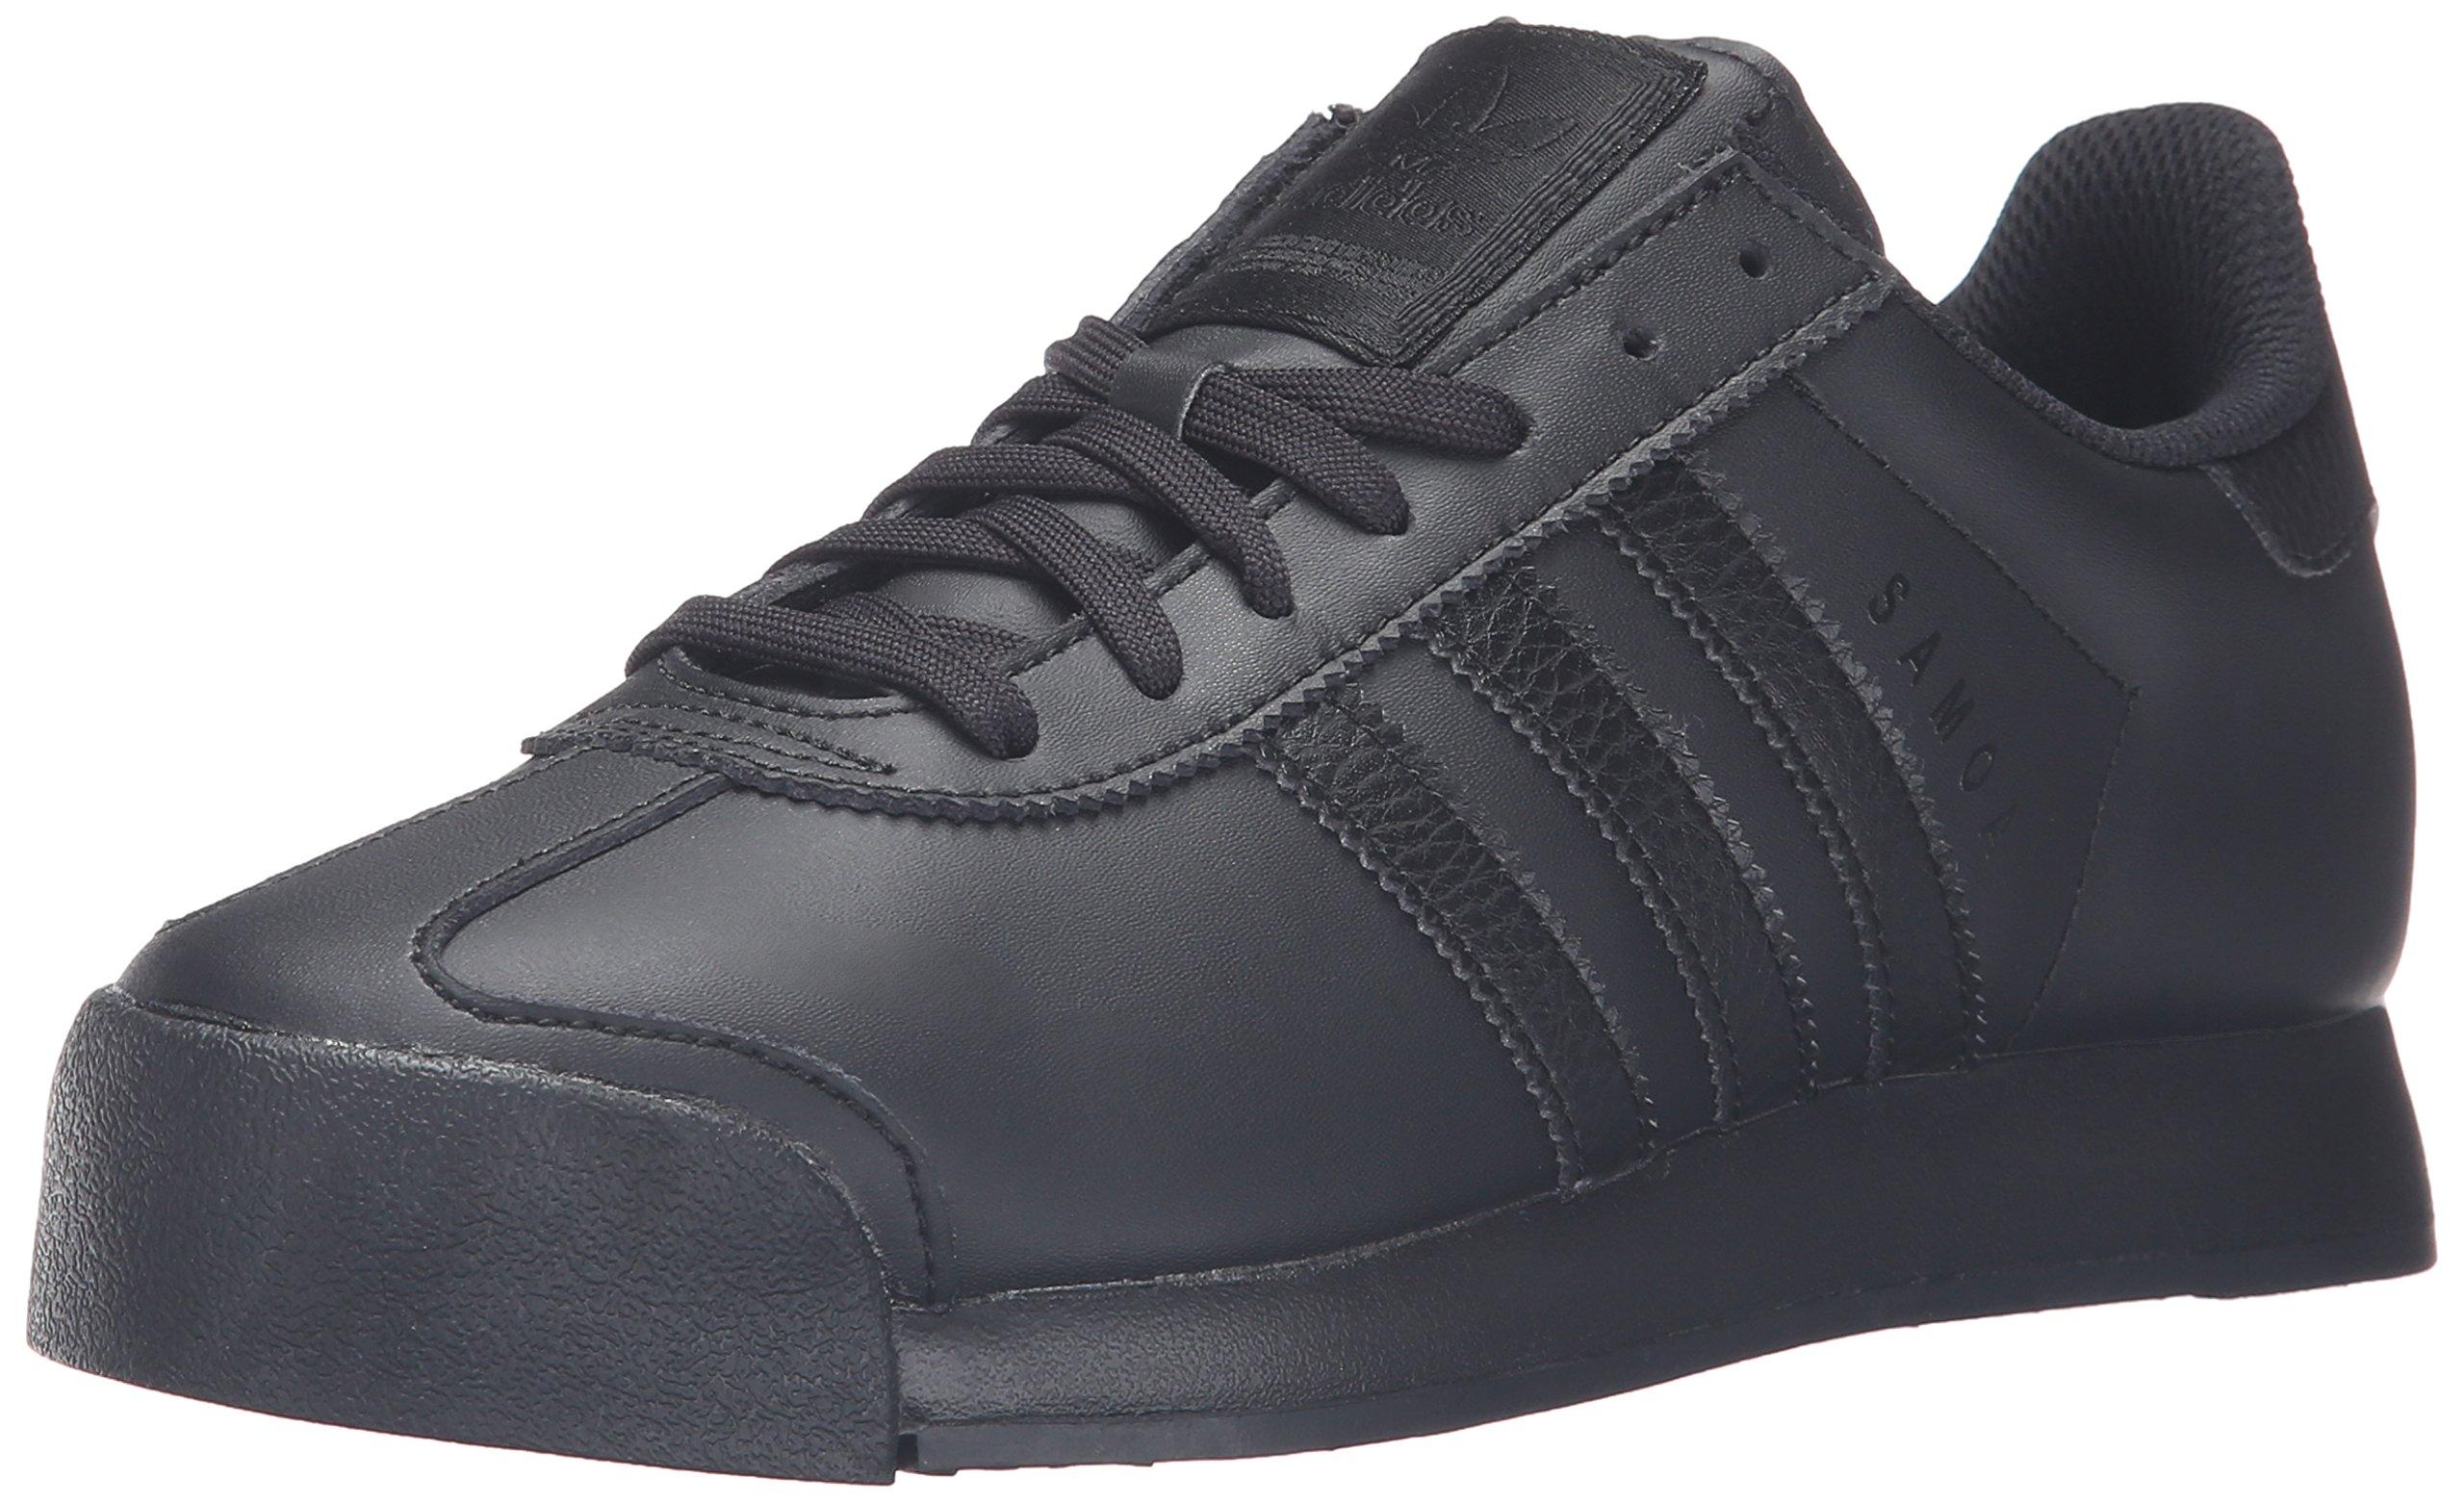 adidas Originals Men's Samoa Retro Sneakers, Black/Black/Black, (11 M US) by adidas Originals